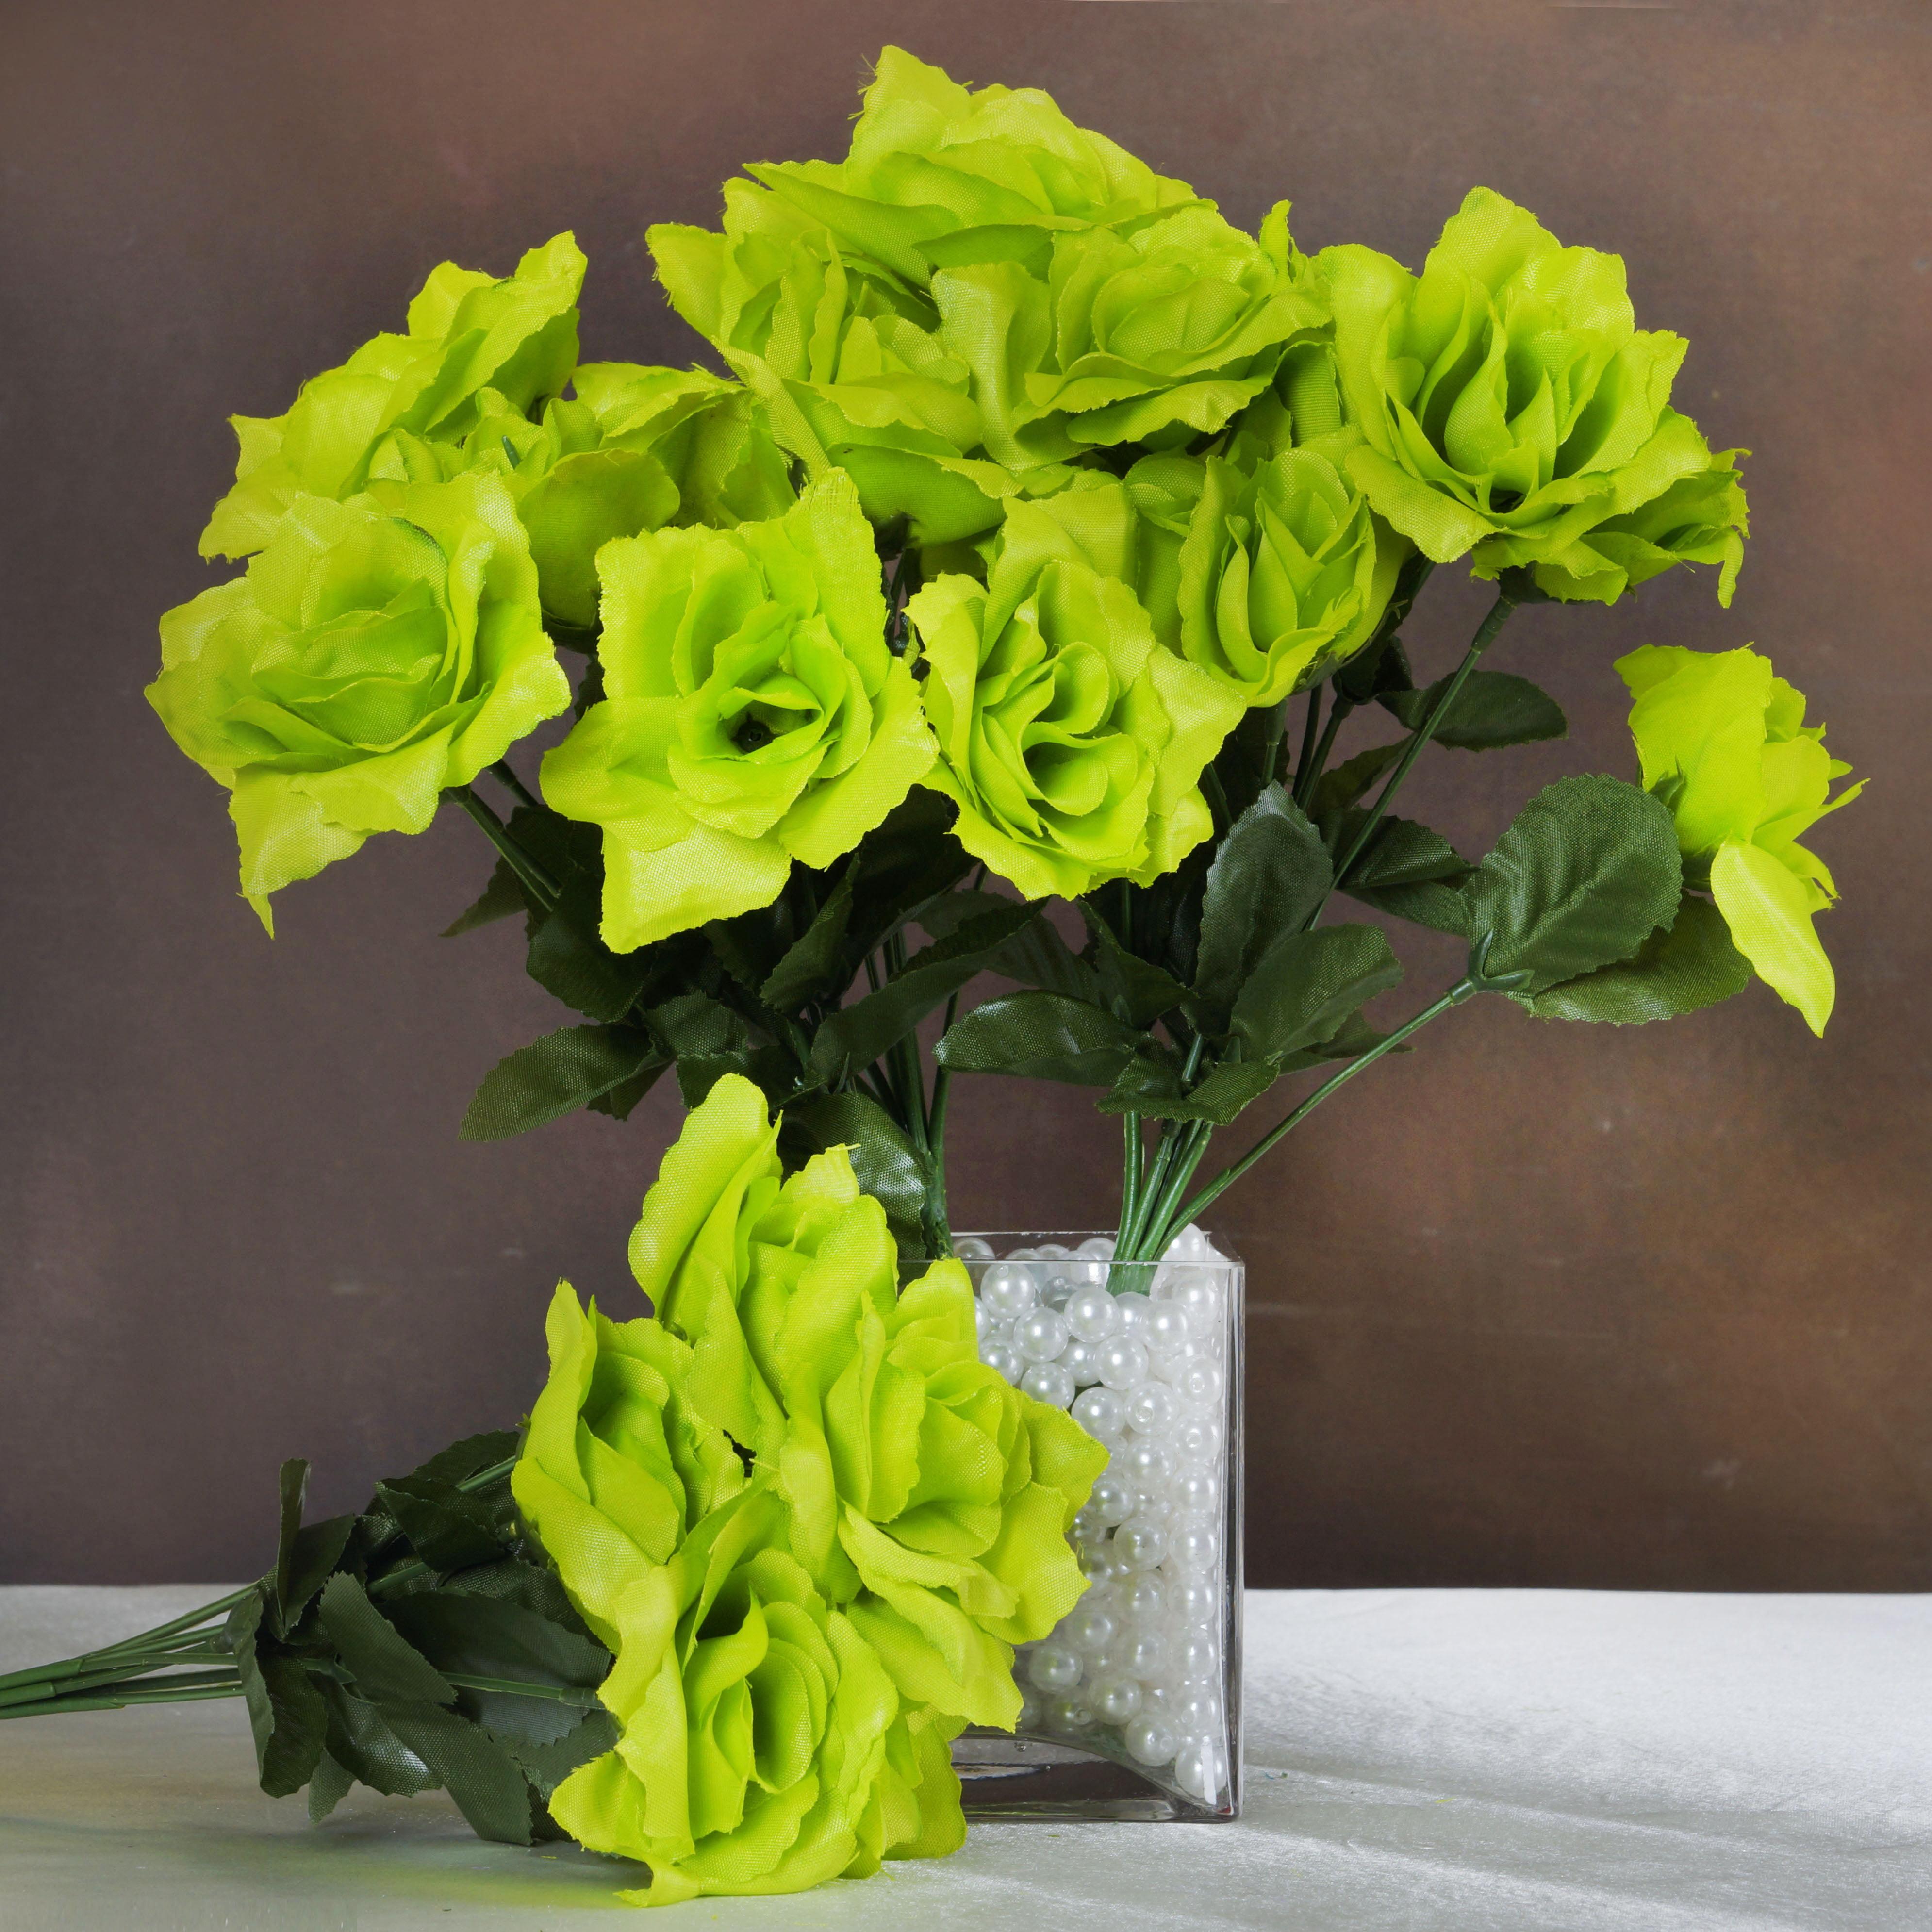 Efavormart 84 Artificial Open Roses for DIY Wedding Bouquets Centerpieces Arrangements Party Home Decorations Wholesale Supplies